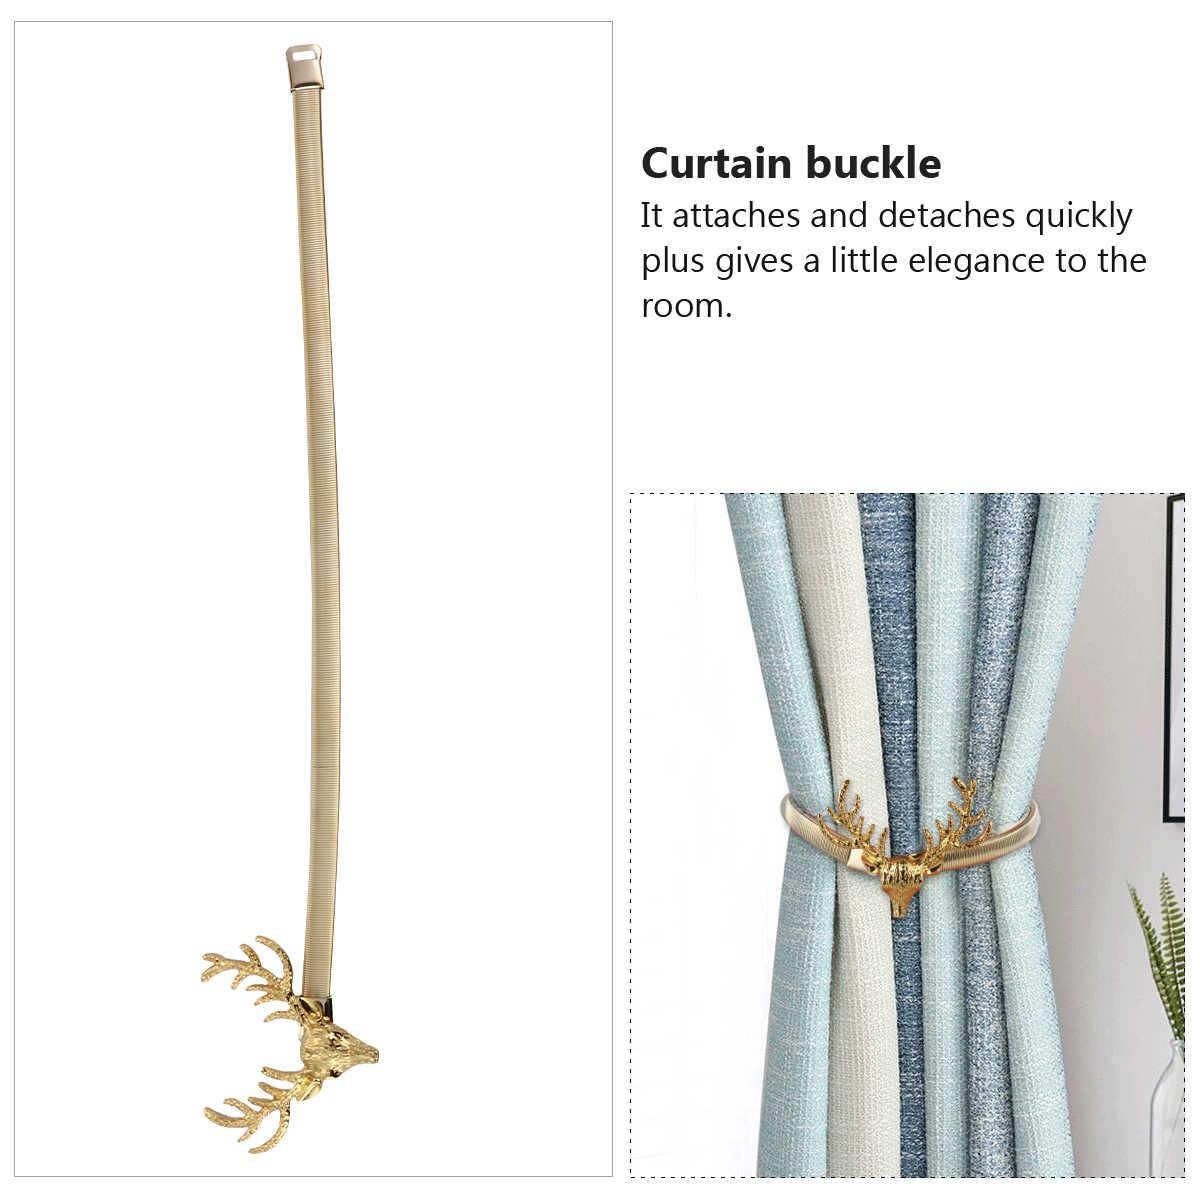 anneau de rideau durable tete de cerf reglable 1 piece pince de rideau porte rideau boucle pour maison noel